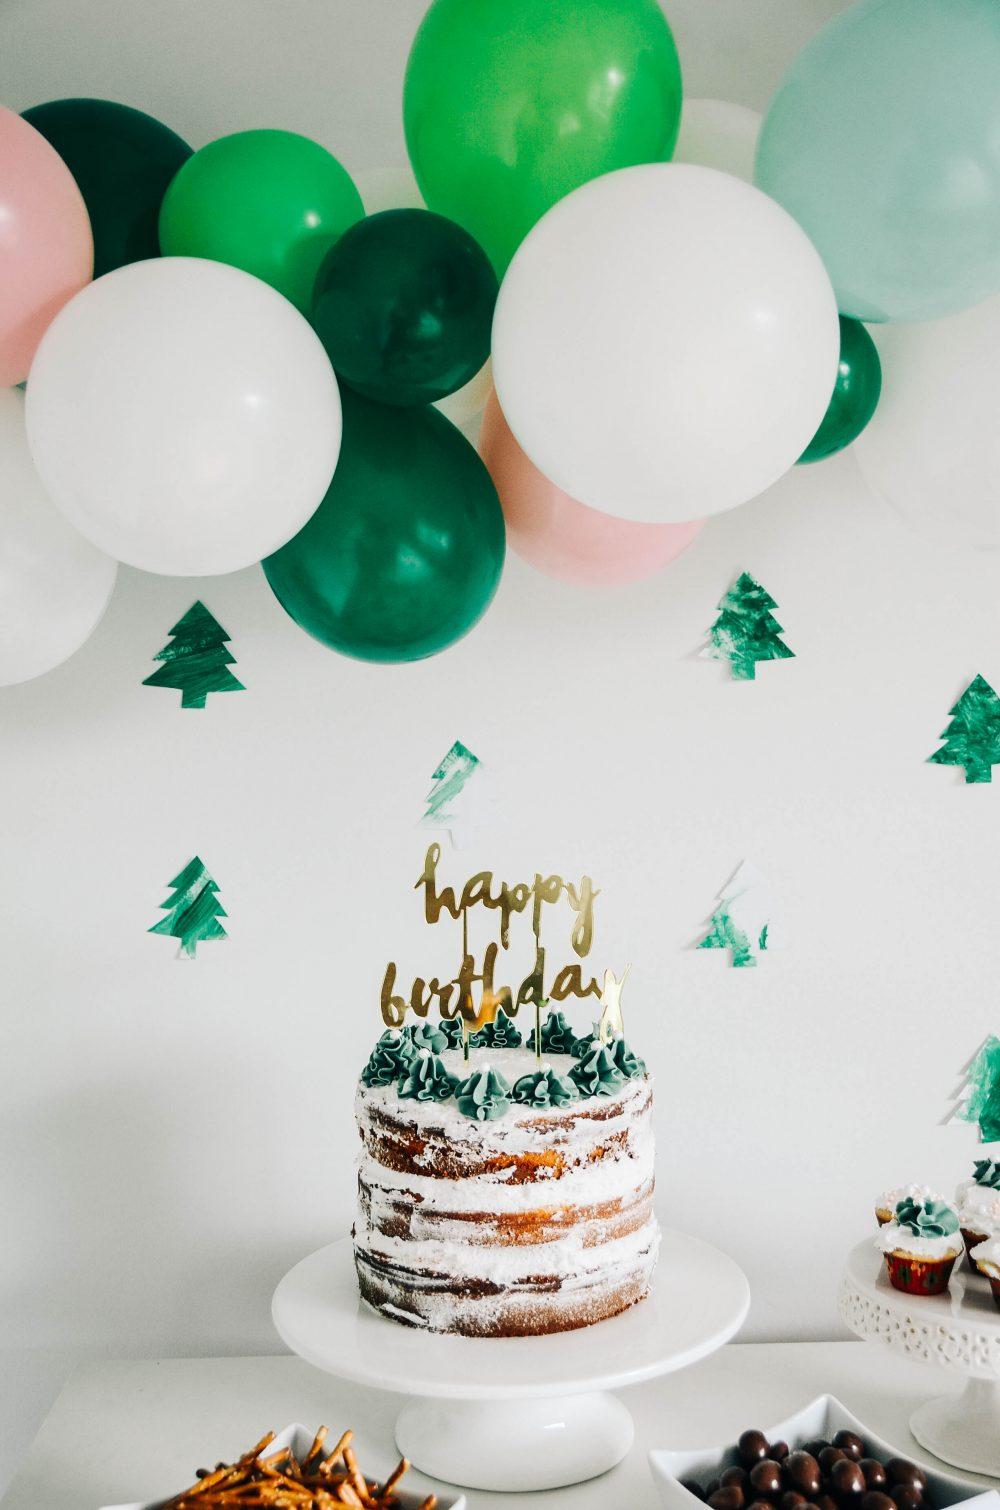 Woodland Fourest Forest Themed Birthday Party Decor DIY Ideas